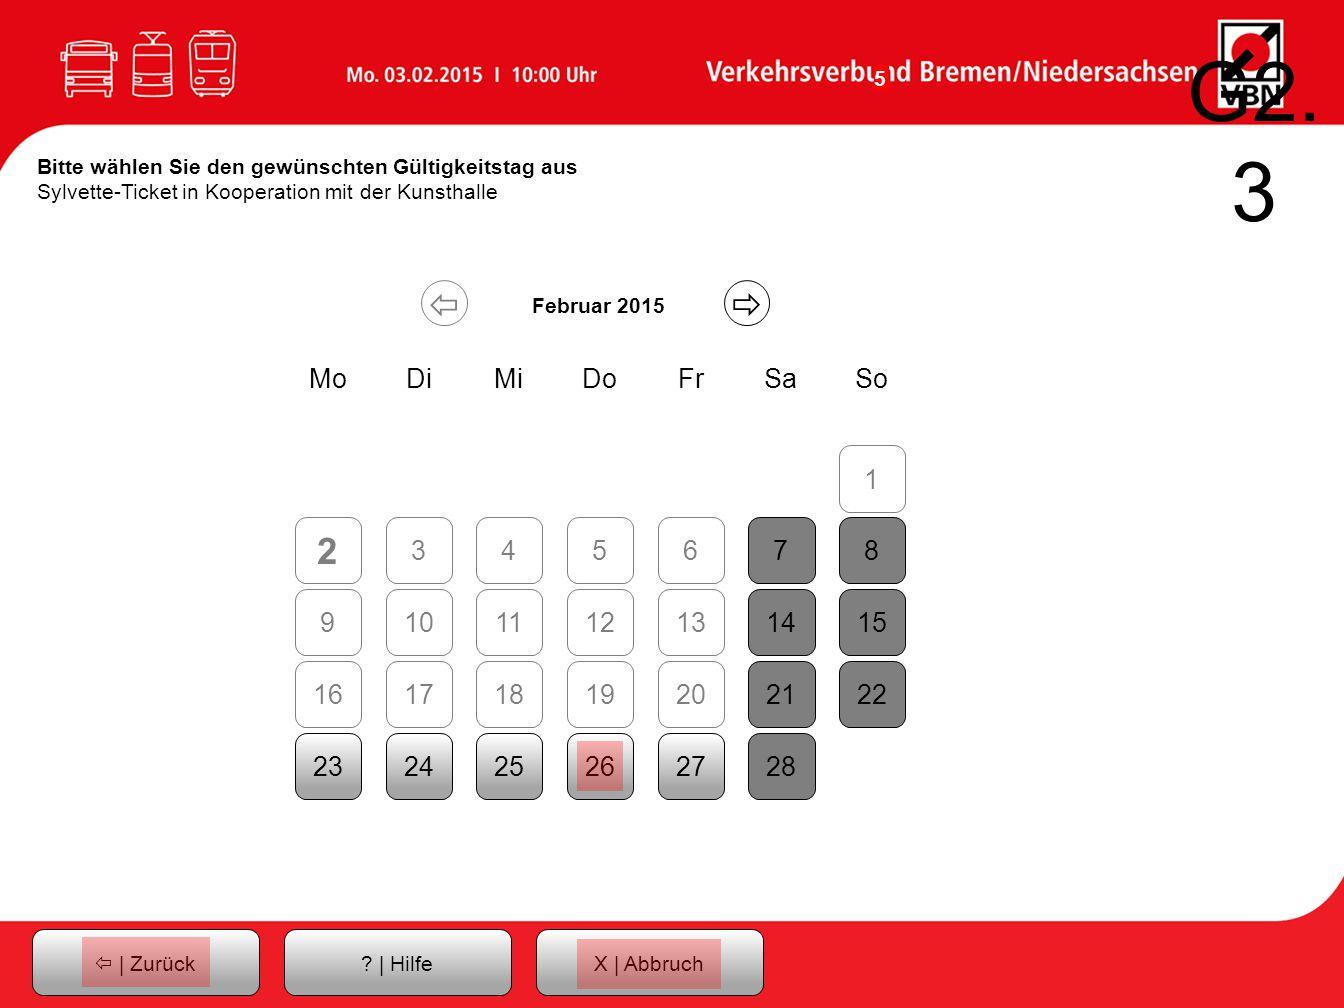 G2.3 Bitte wählen Sie den gewünschten Gültigkeitstag aus Sylvette-Ticket in Kooperation mit der Kunsthalle.